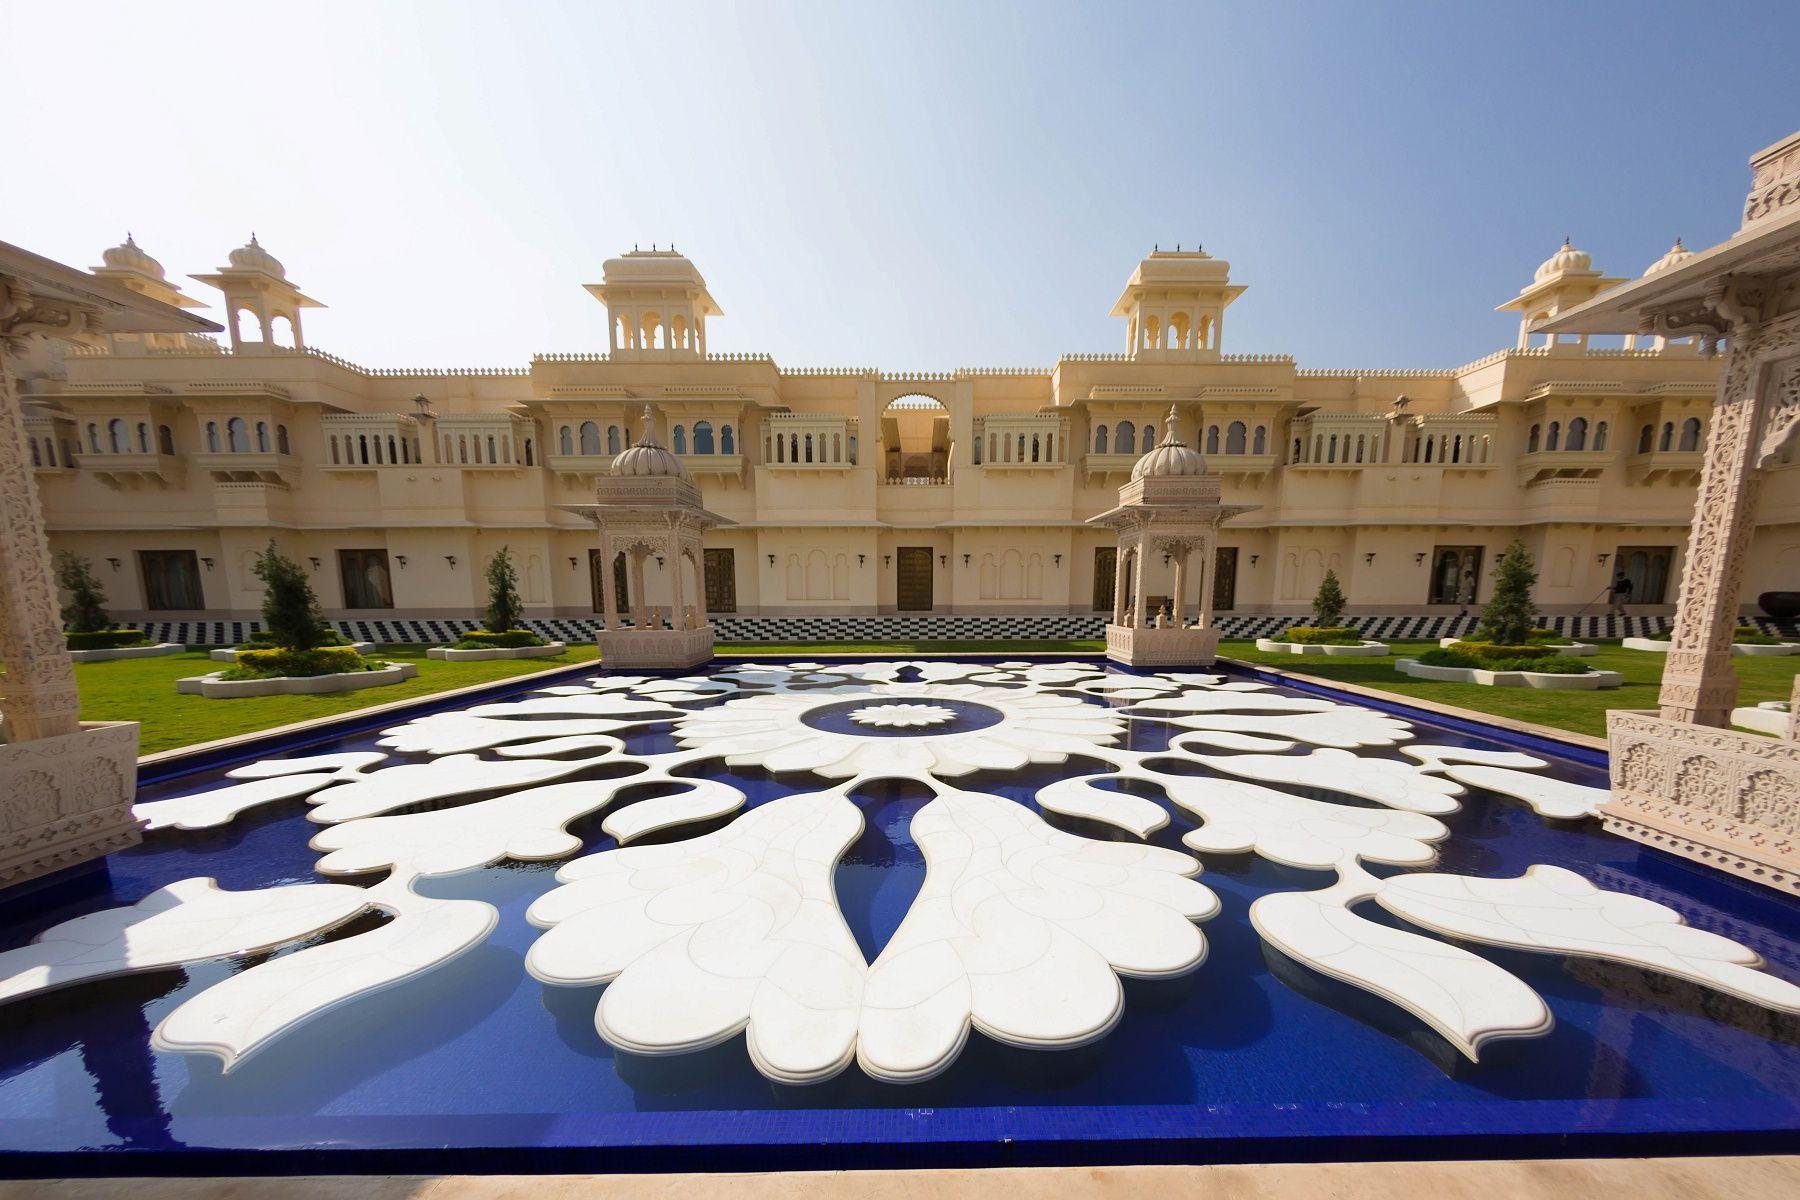 Oberoi udaivilas udaipur landscape architecture india for Landscape architects in india